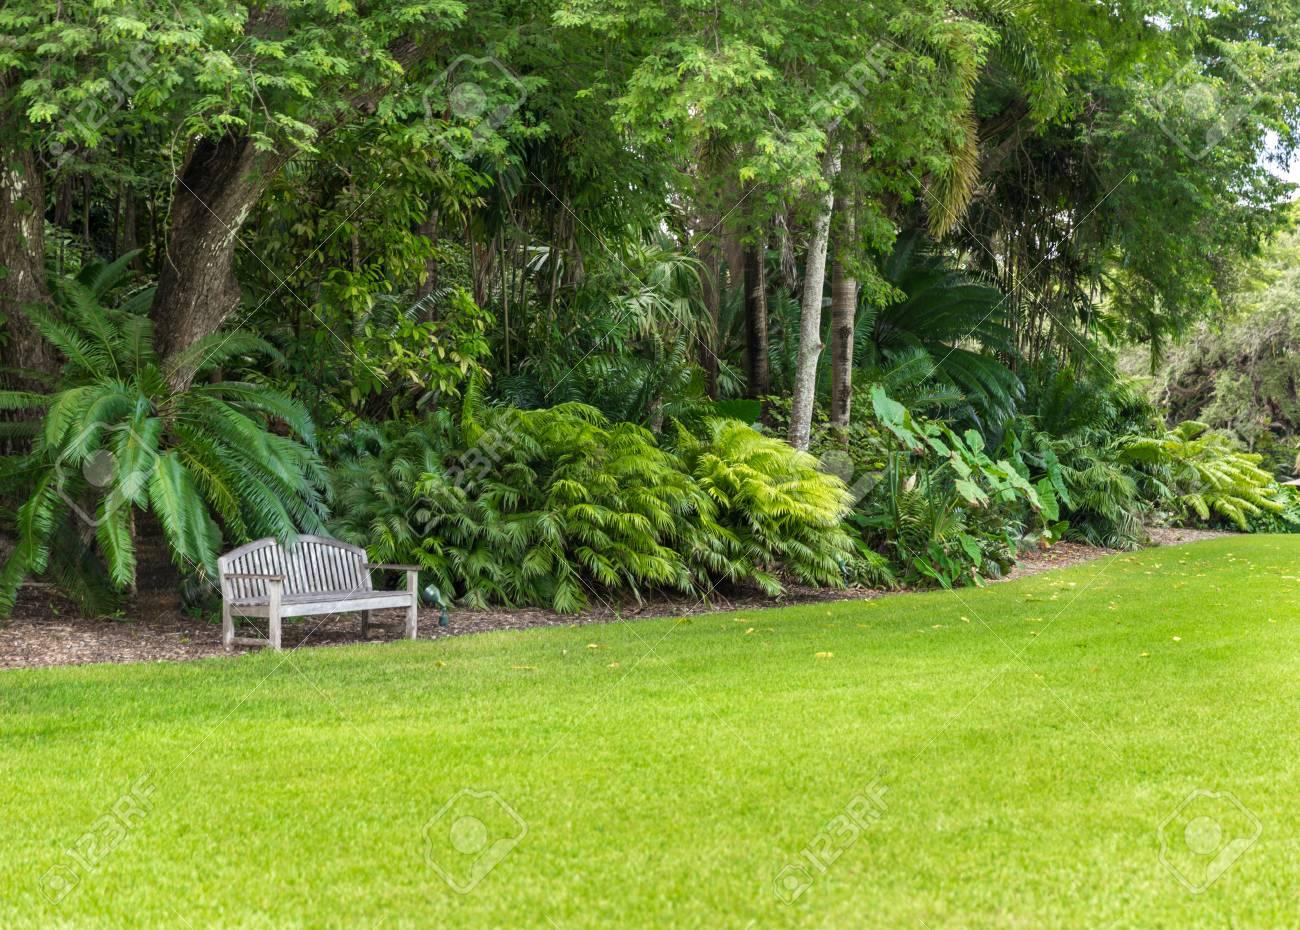 Schöner Garten Mit Schönem Rasen Und Palmen Standard Bild   33543743